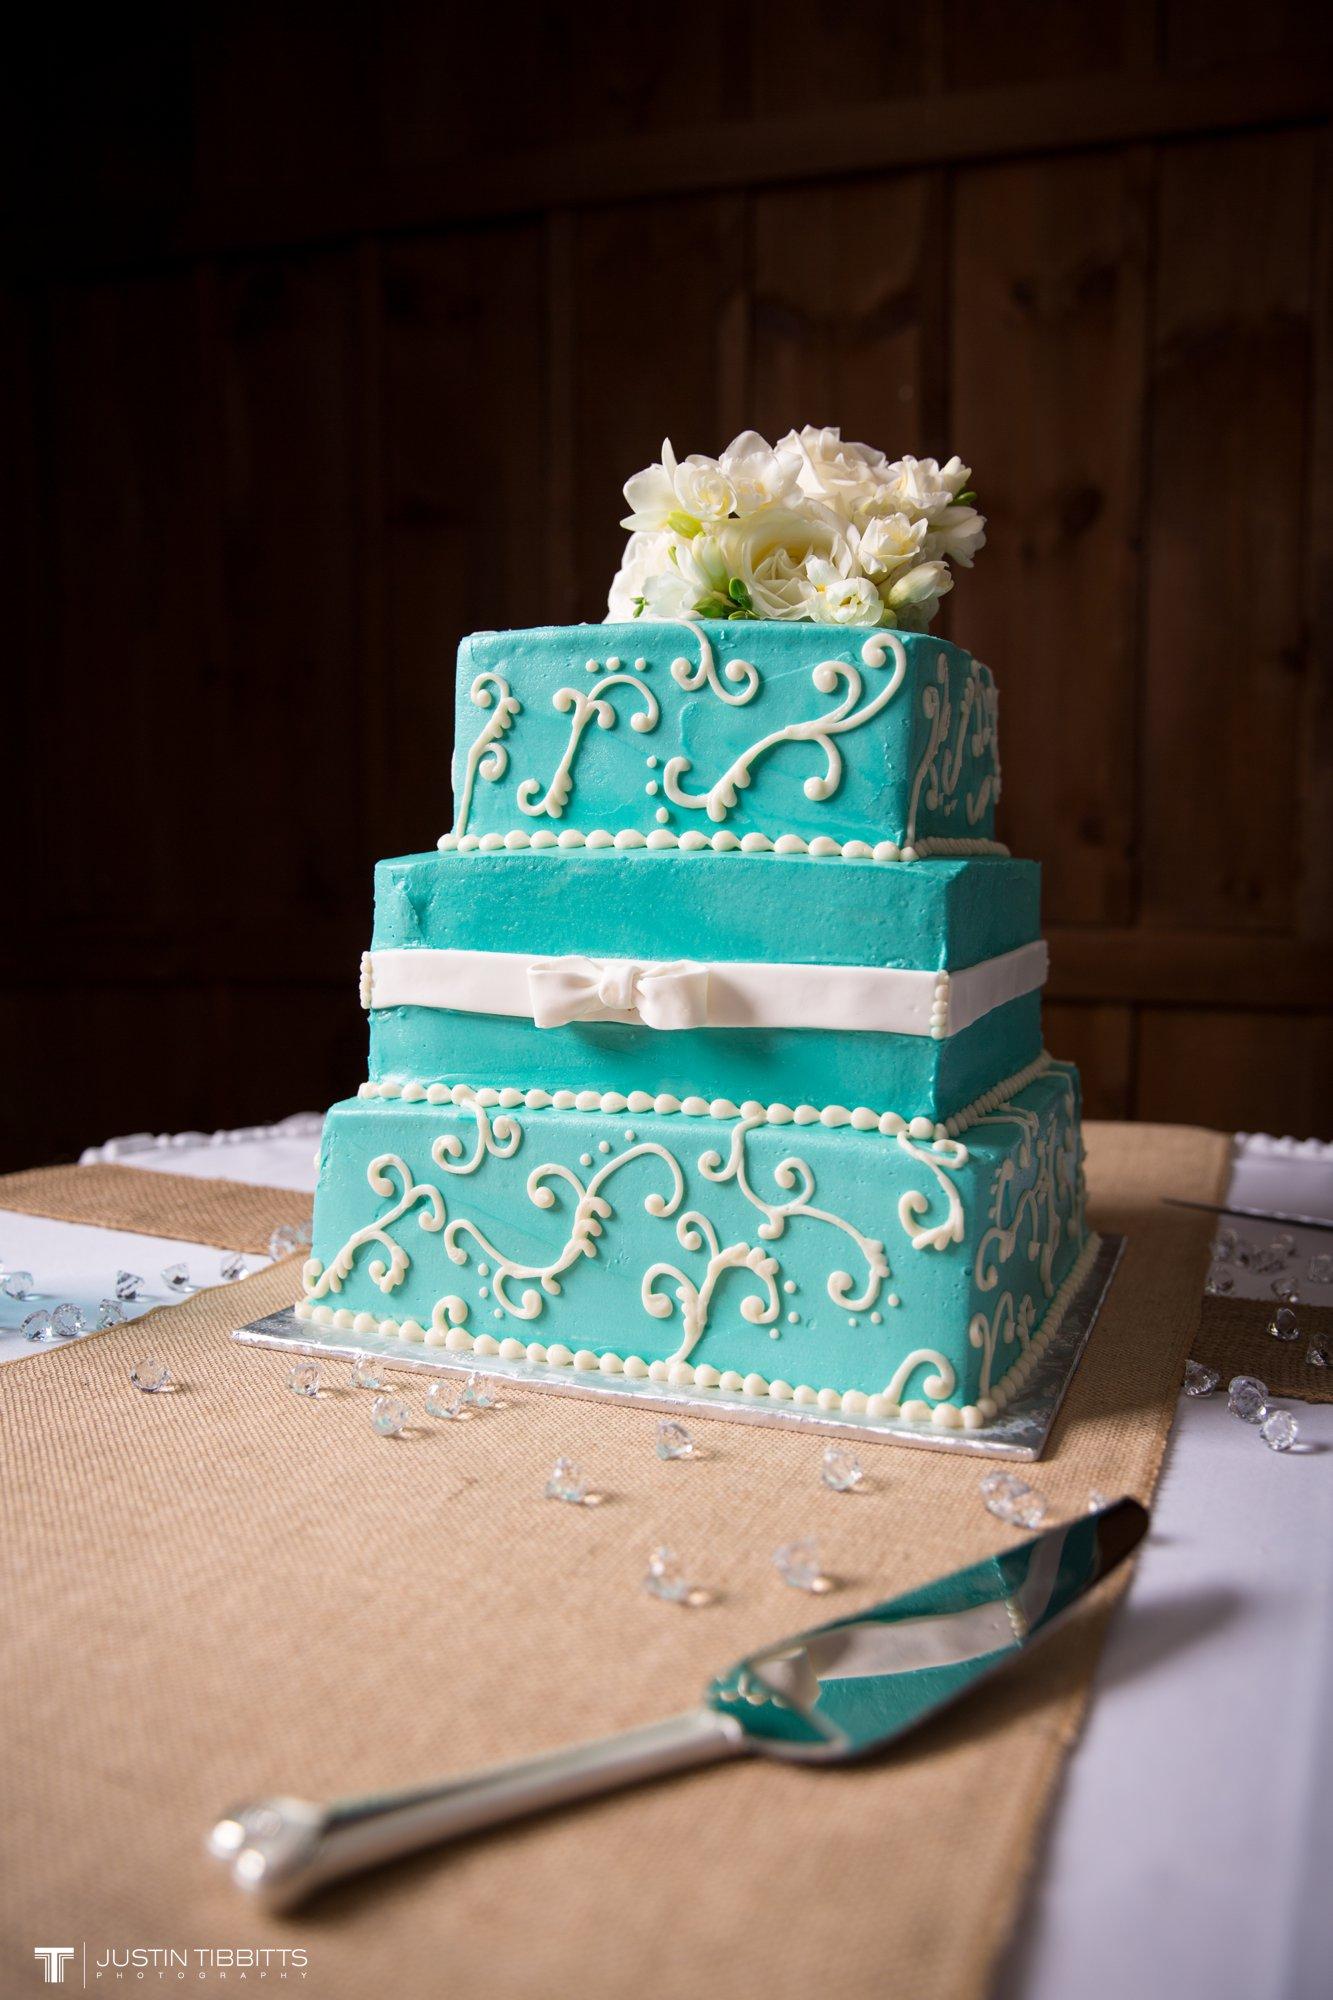 Albany NY Wedding Photographer Justin Tibbitts Photography 2014 Best of Albany NY Weddings-411662698288